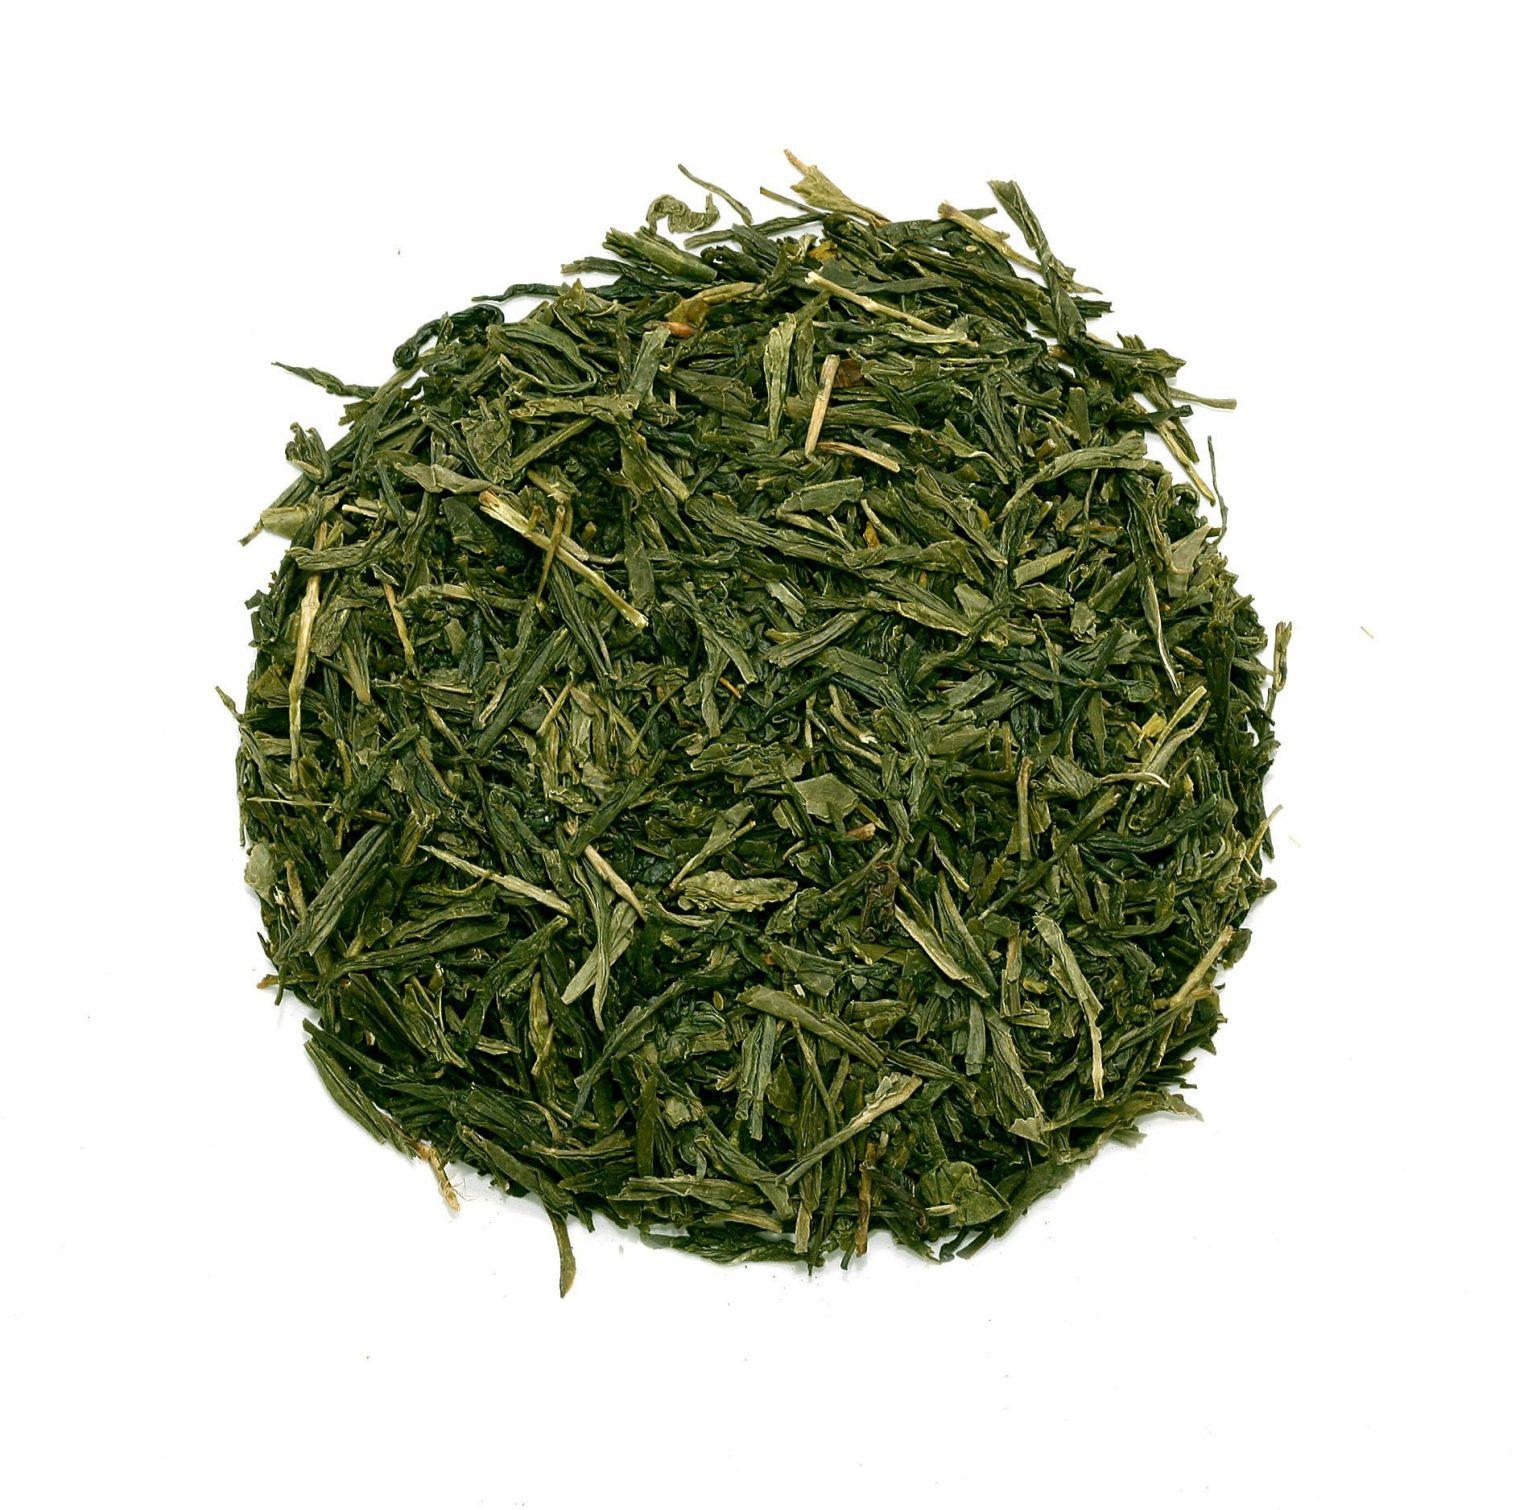 Ceai verde 100g - GustOriental.ro